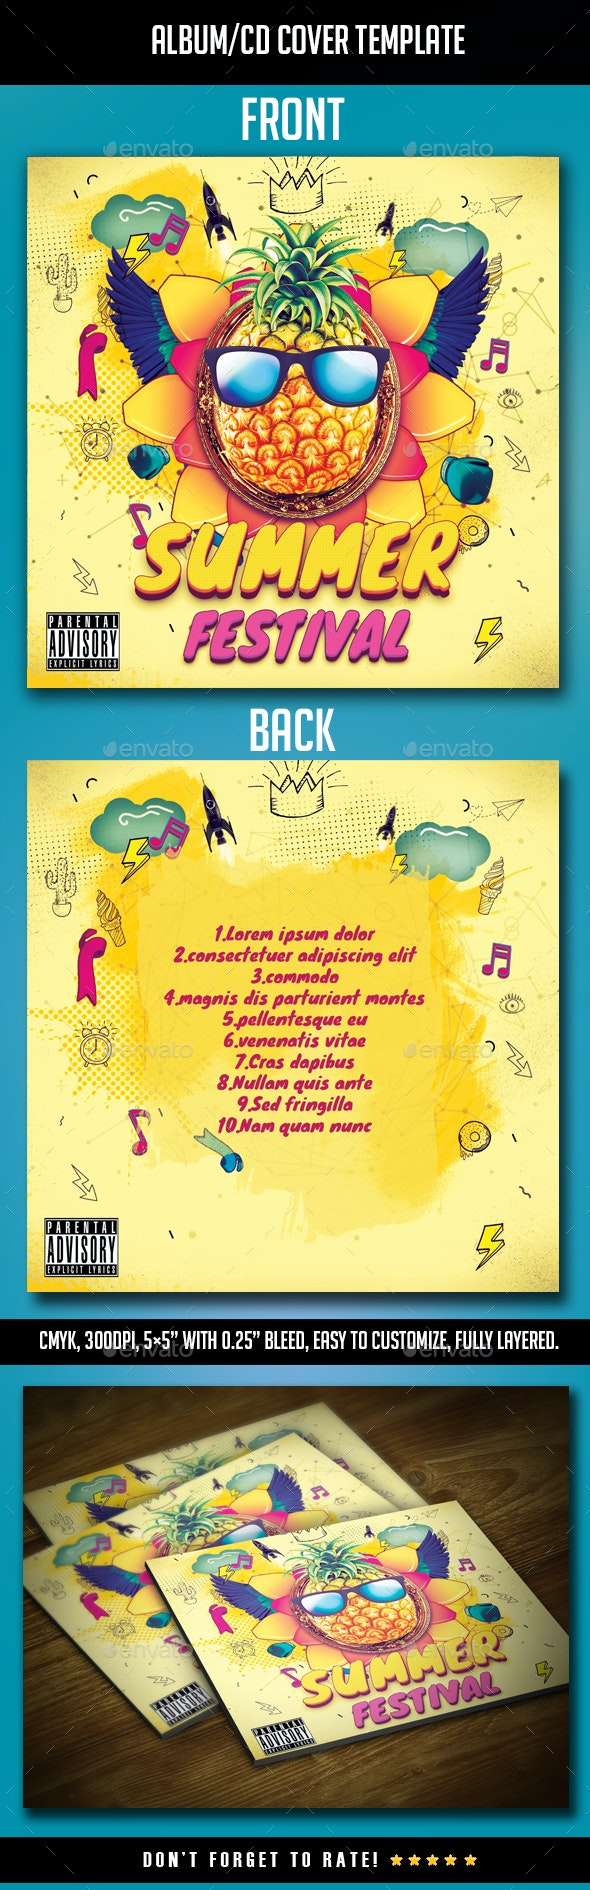 Summer Festival Album CD Cover - CD & DVD Artwork Print Templates